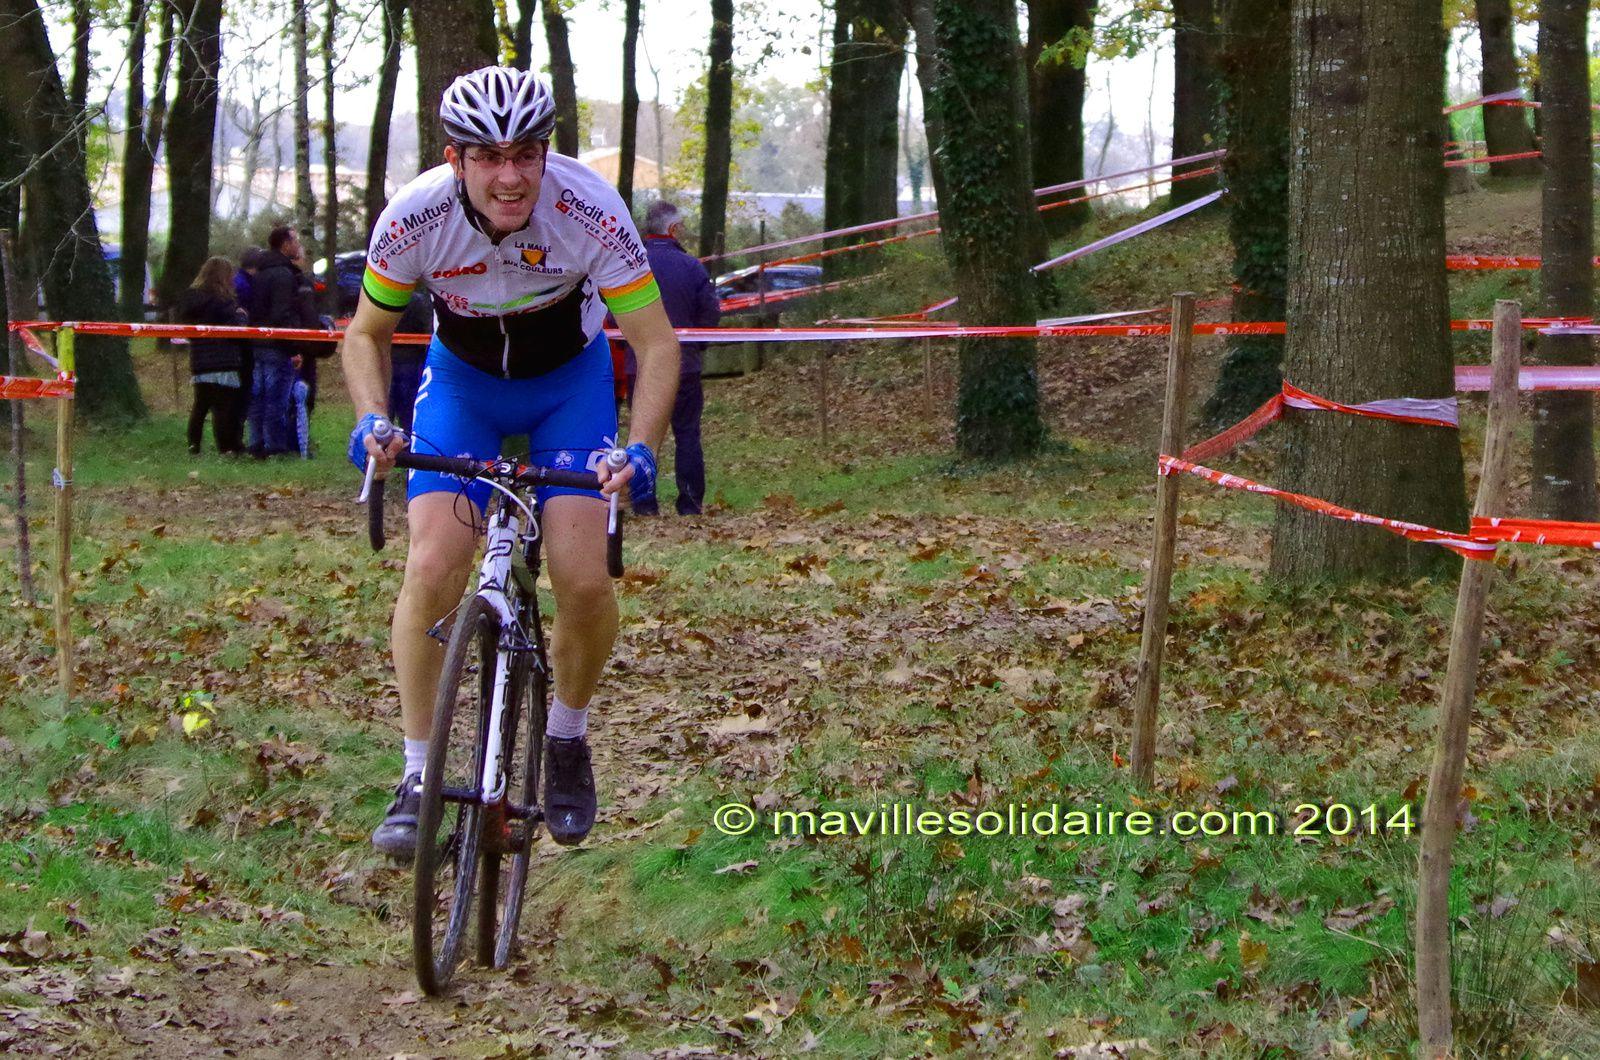 La Roche Vendée Cyclisme 3ème édition du Grand Prix Cyclo-cross de La Roche-sur-Yon